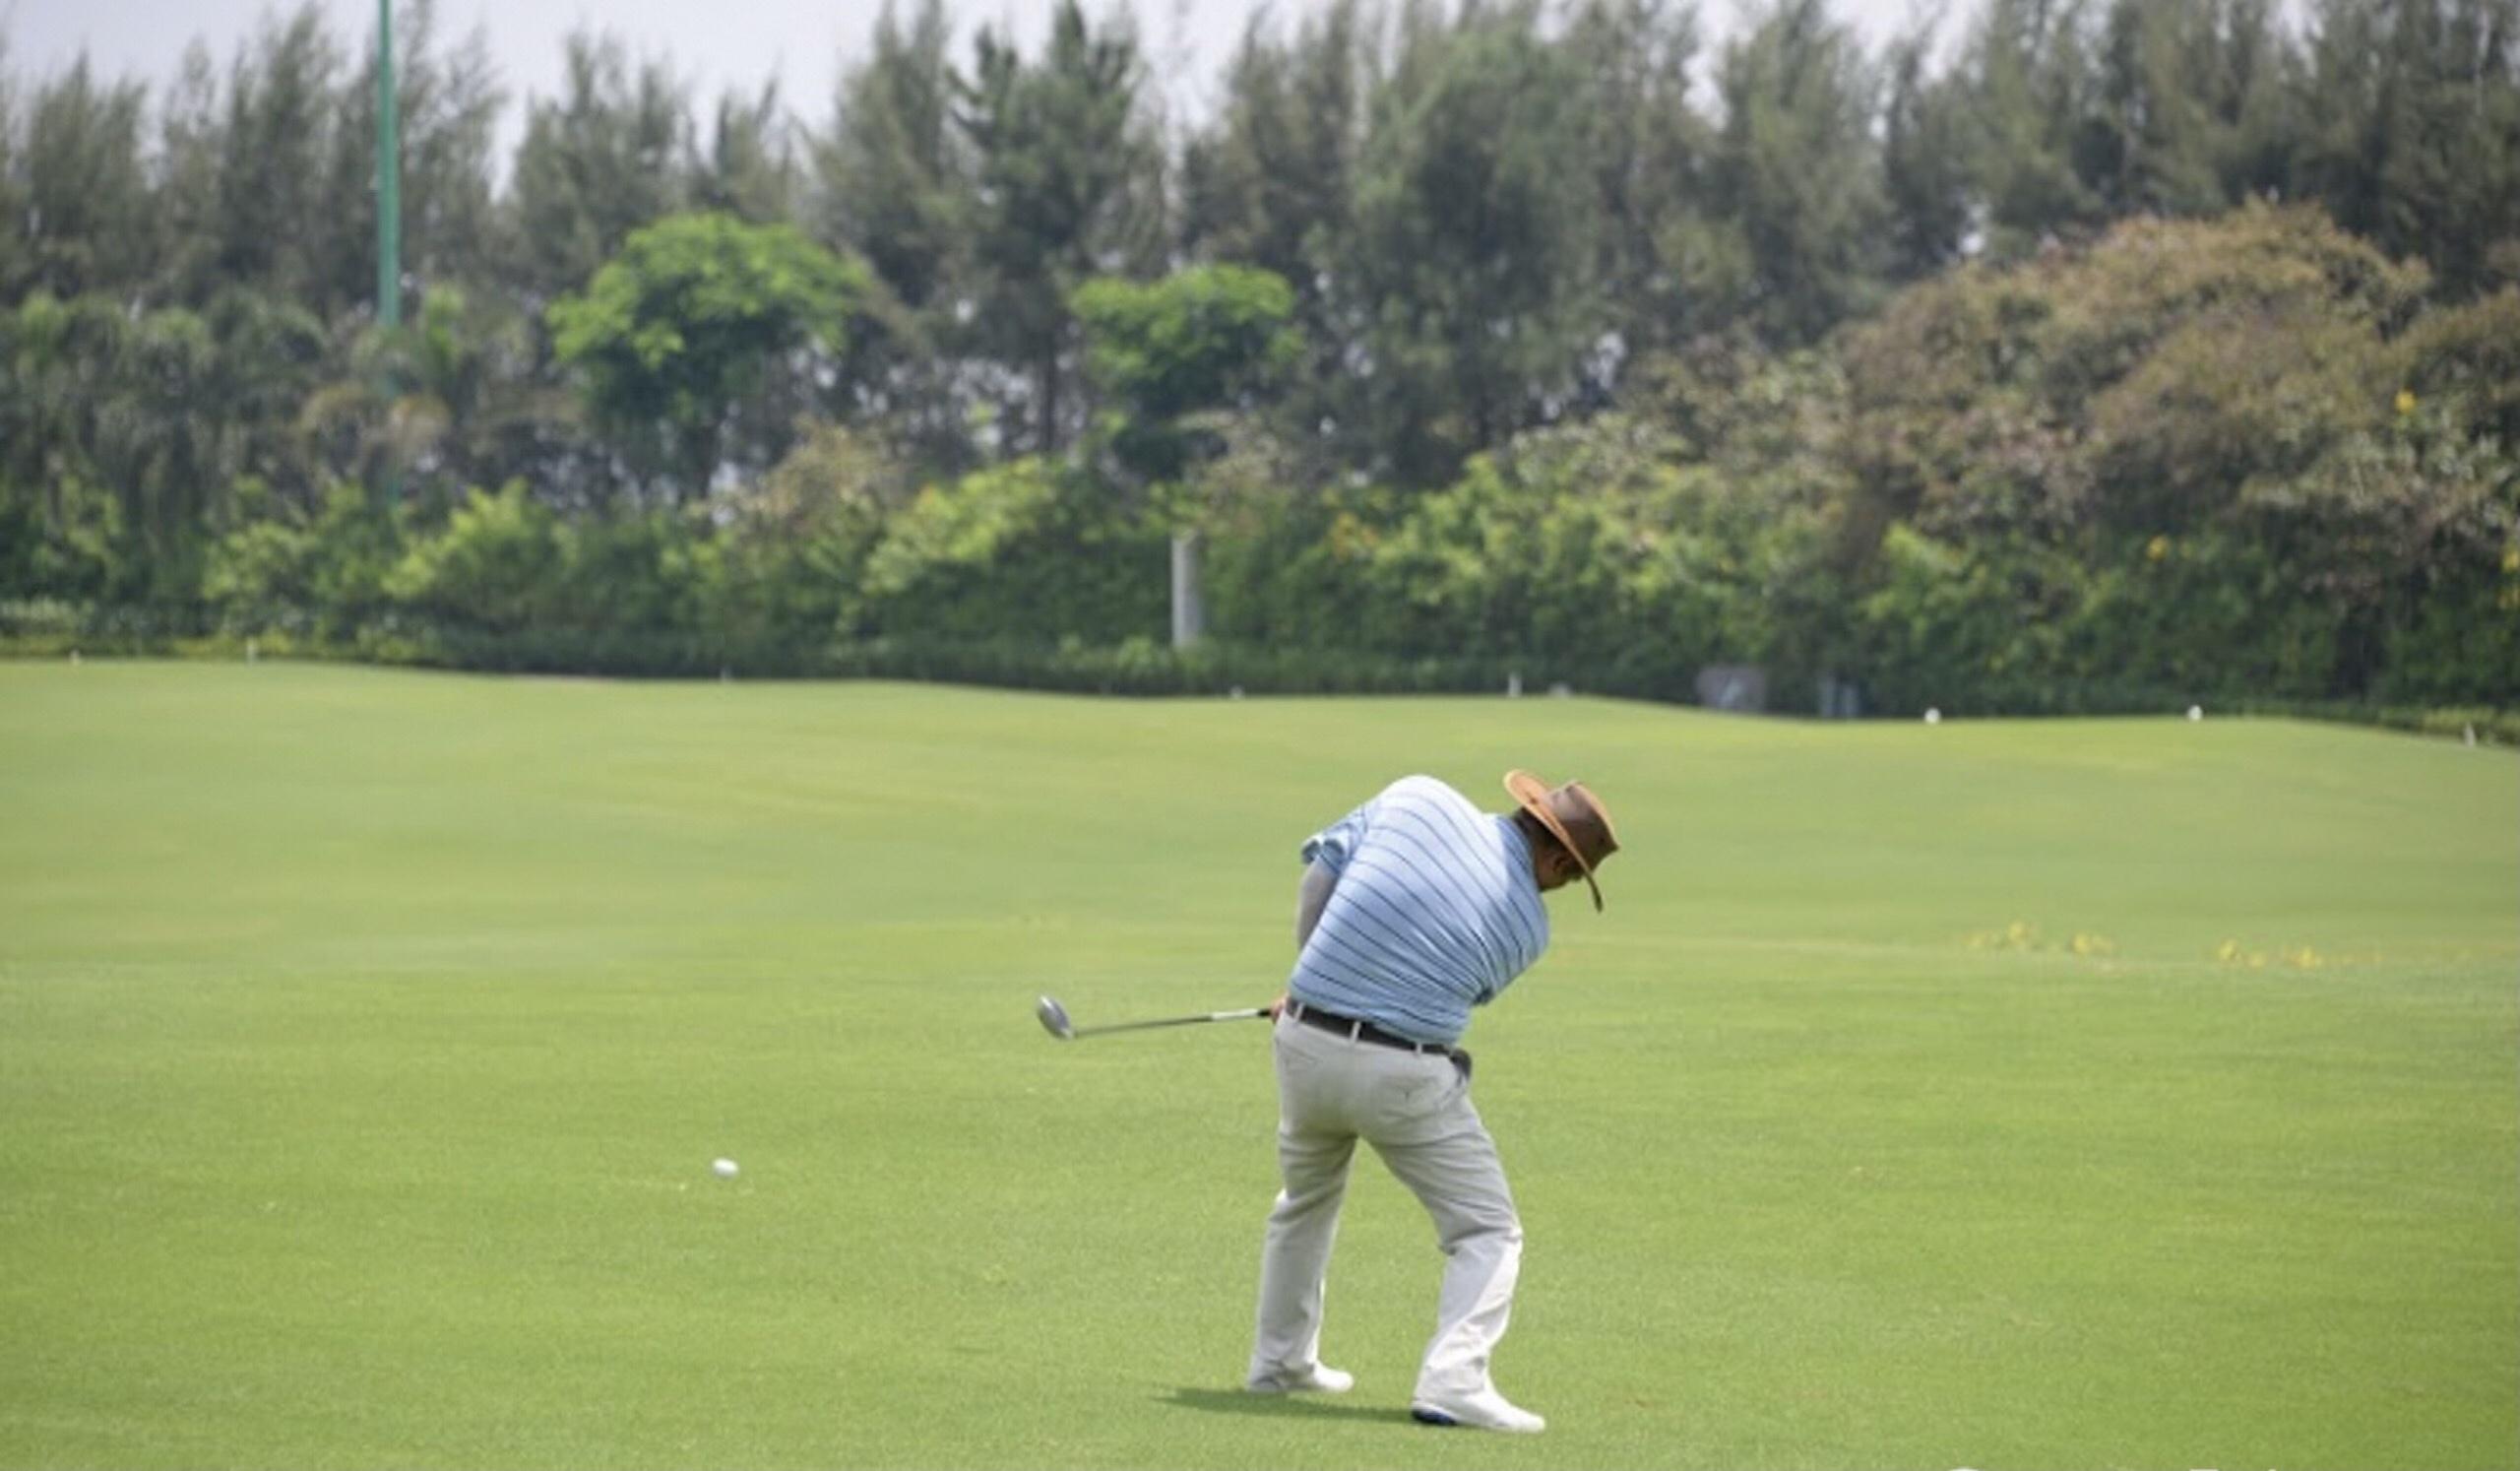 Những tình huống khó khăn nhất trên sân golf